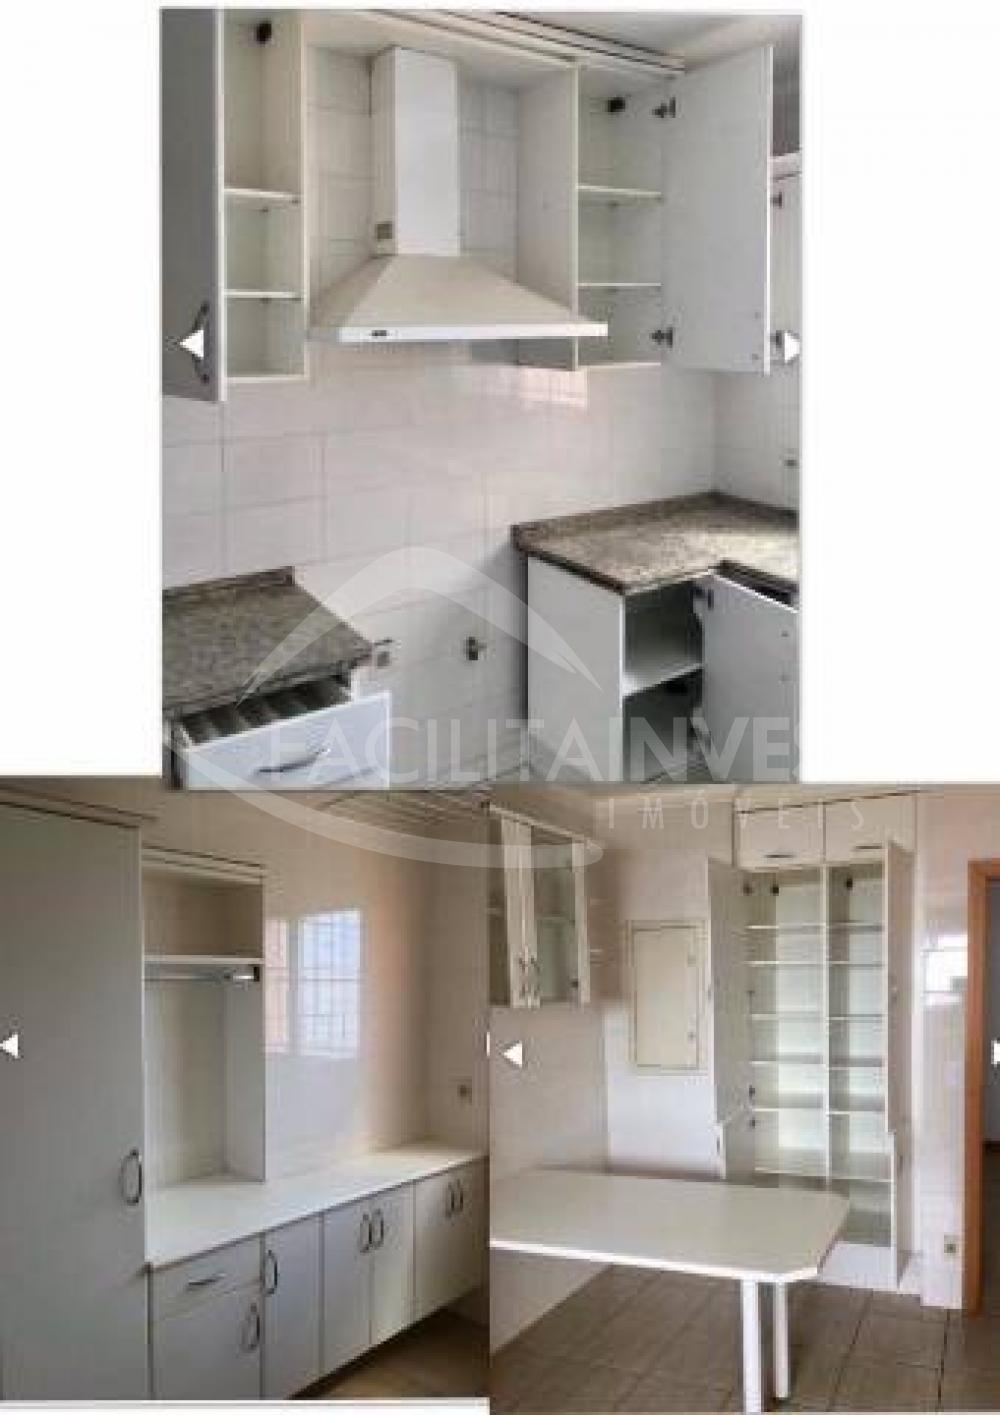 Alugar Apartamentos / Apart. Padrão em Ribeirão Preto R$ 2.200,00 - Foto 4